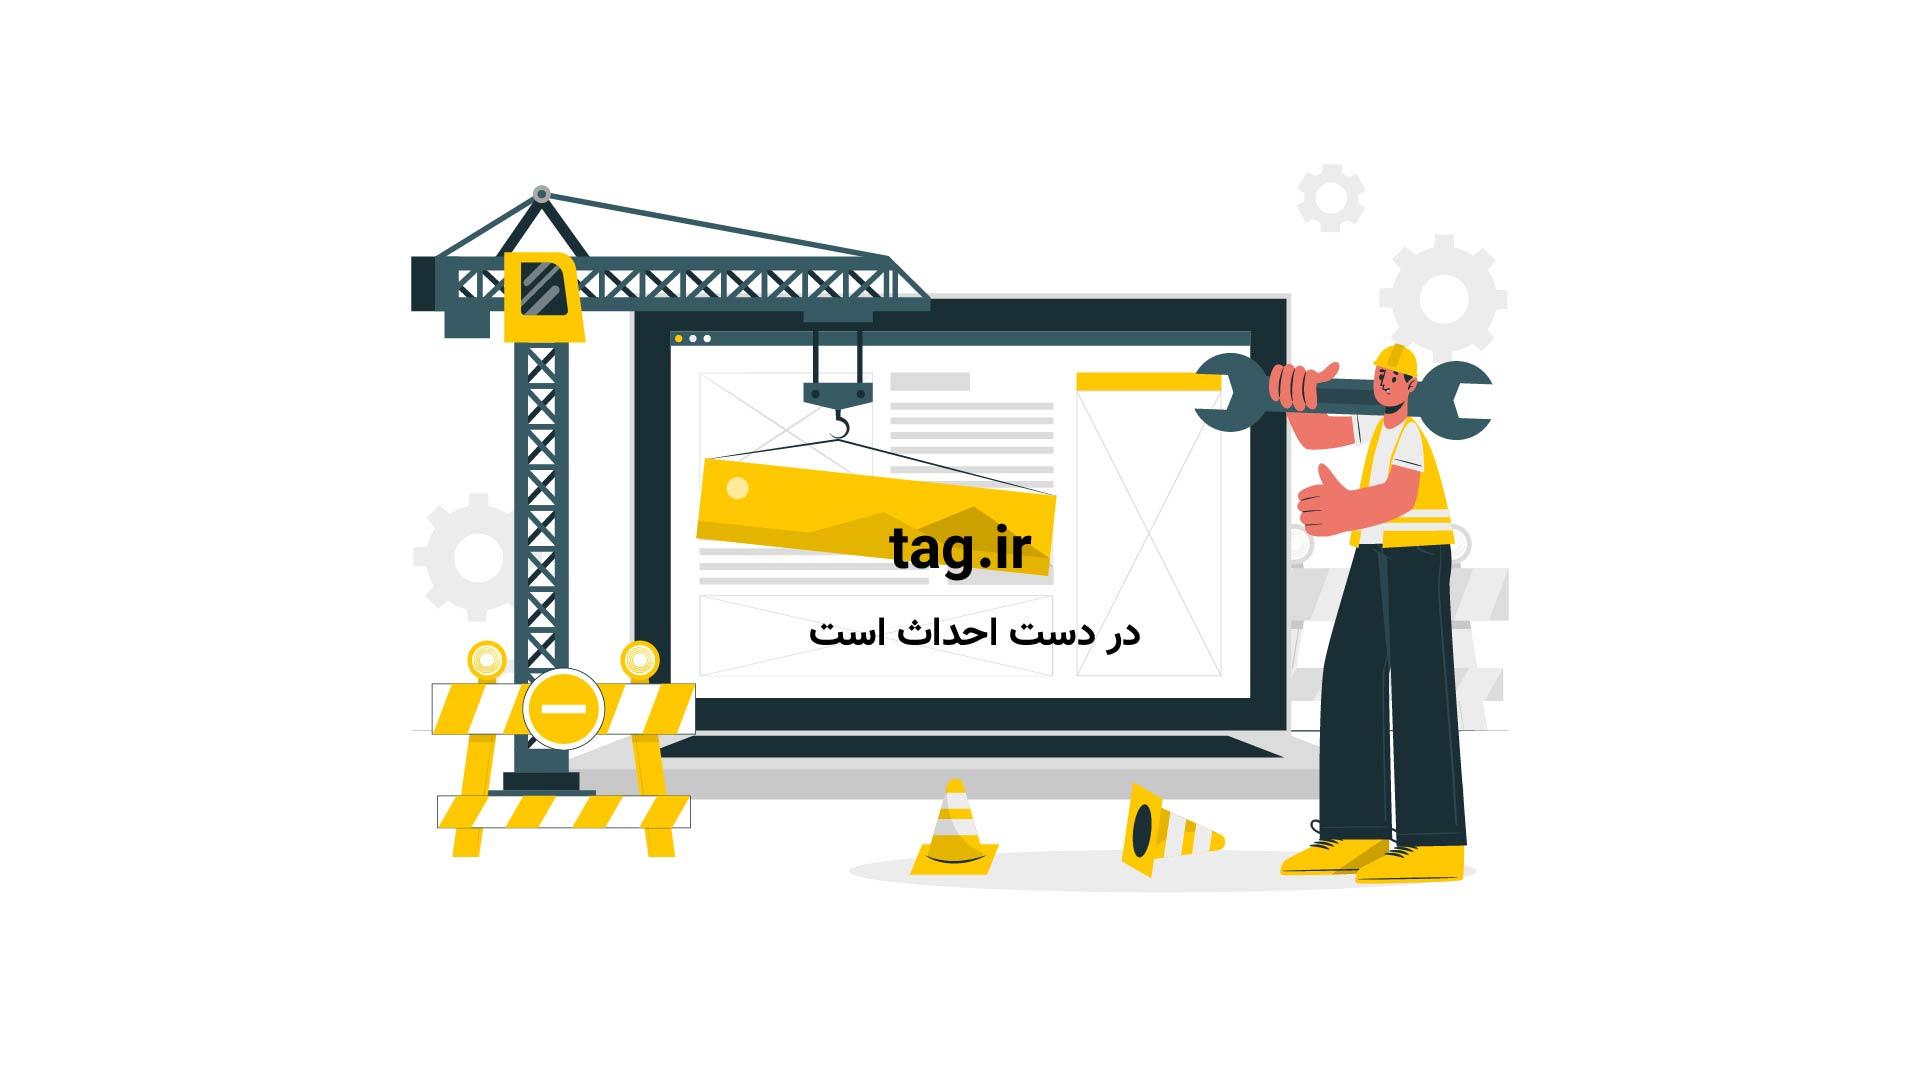 شیر خوردن بره و گربه با هم